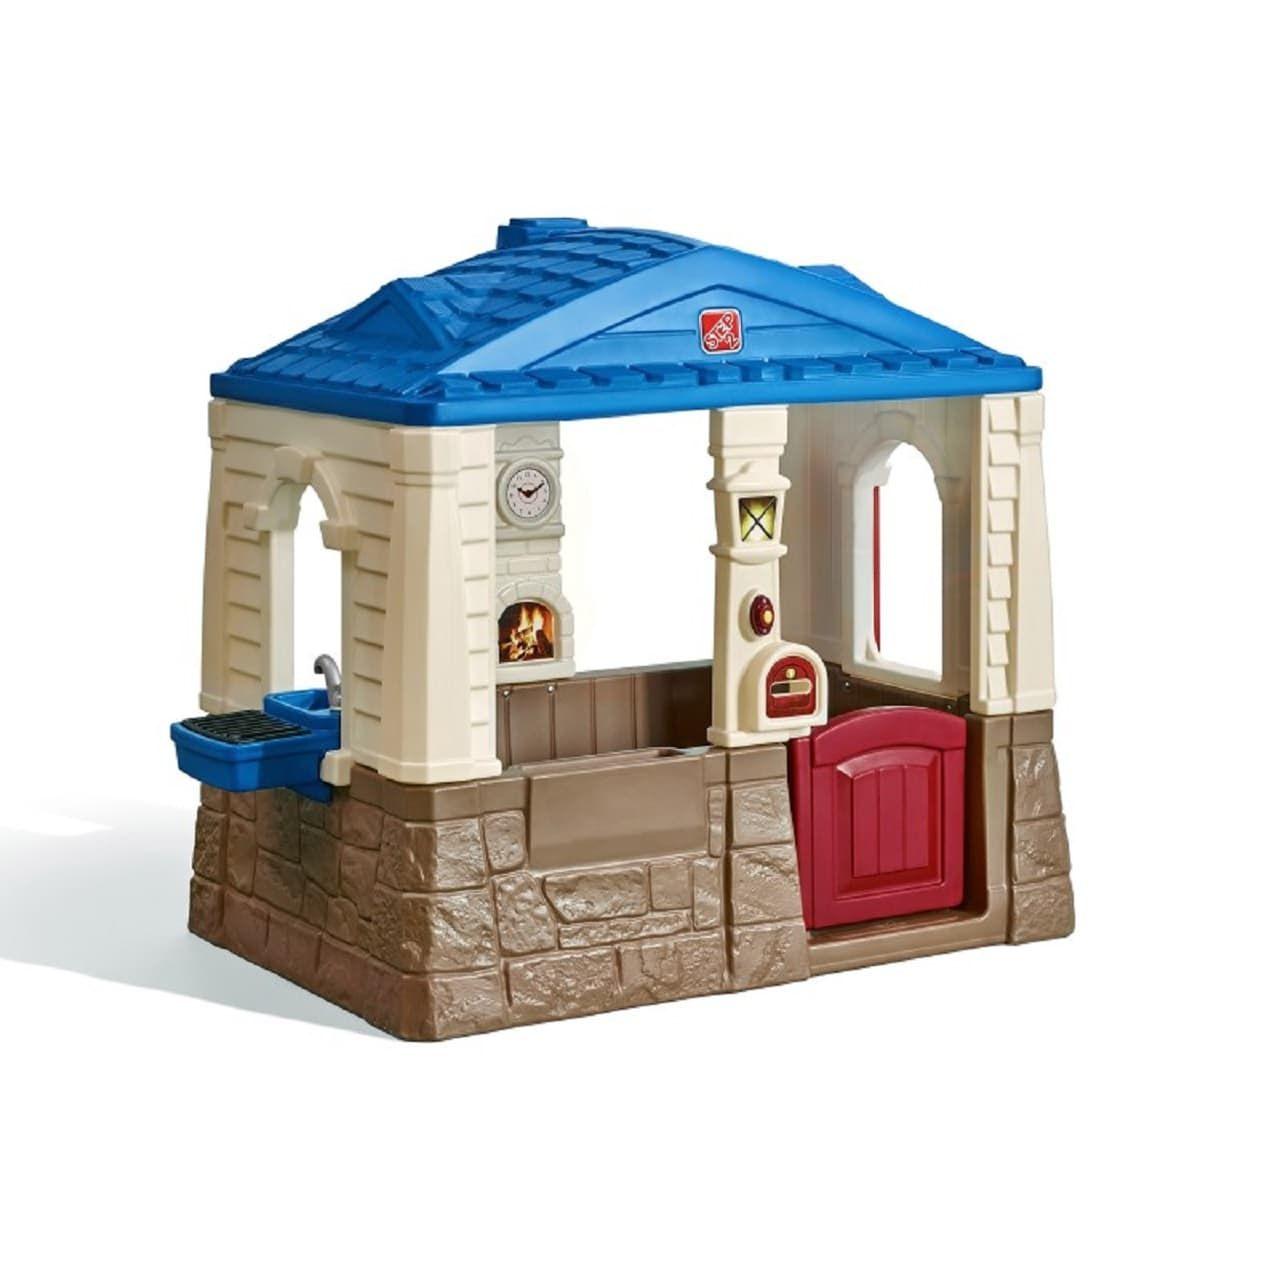 Kinderspielhaus, Gartenhaus für Kinder Kinderspielhaus